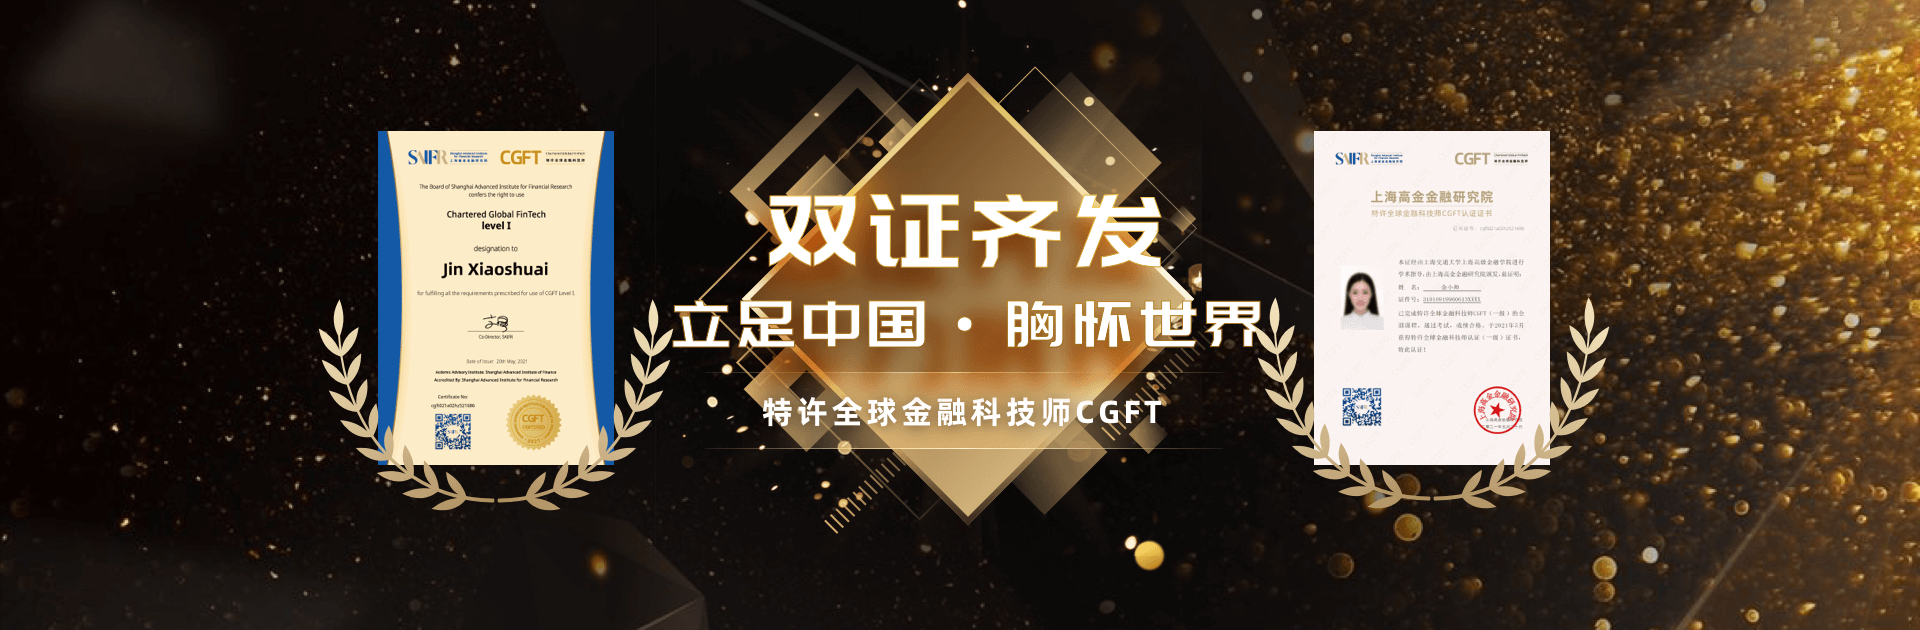 【重要通知】首批特许全球金融科技师CGFT诞生,5月24日起证书投递!